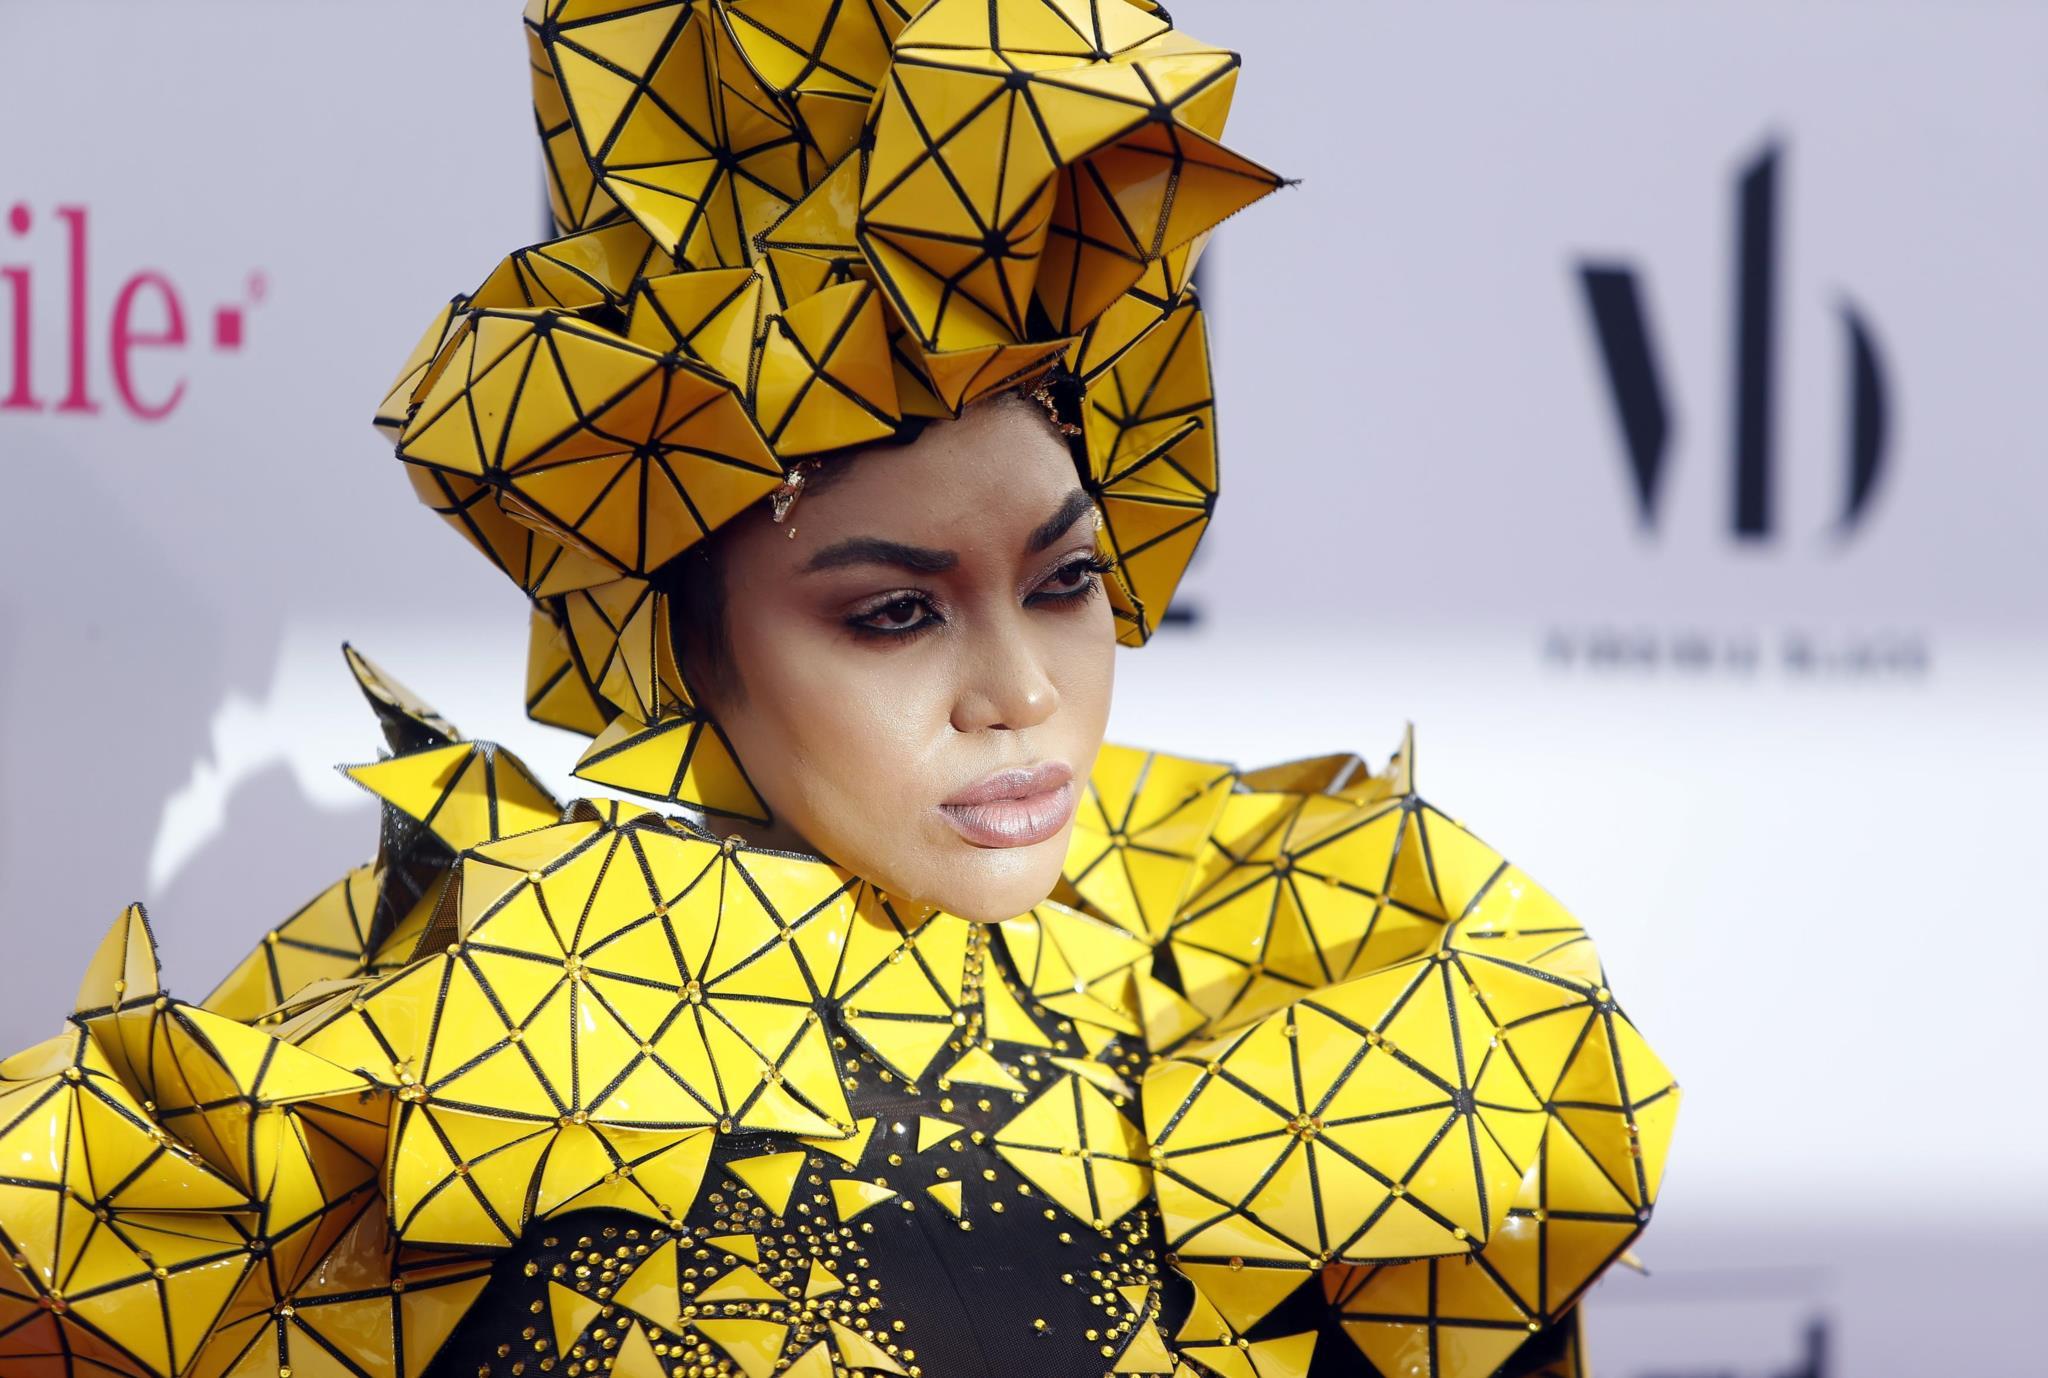 A cantora Dencia pisou a passadeira vermelha num macacão preto e amarelo